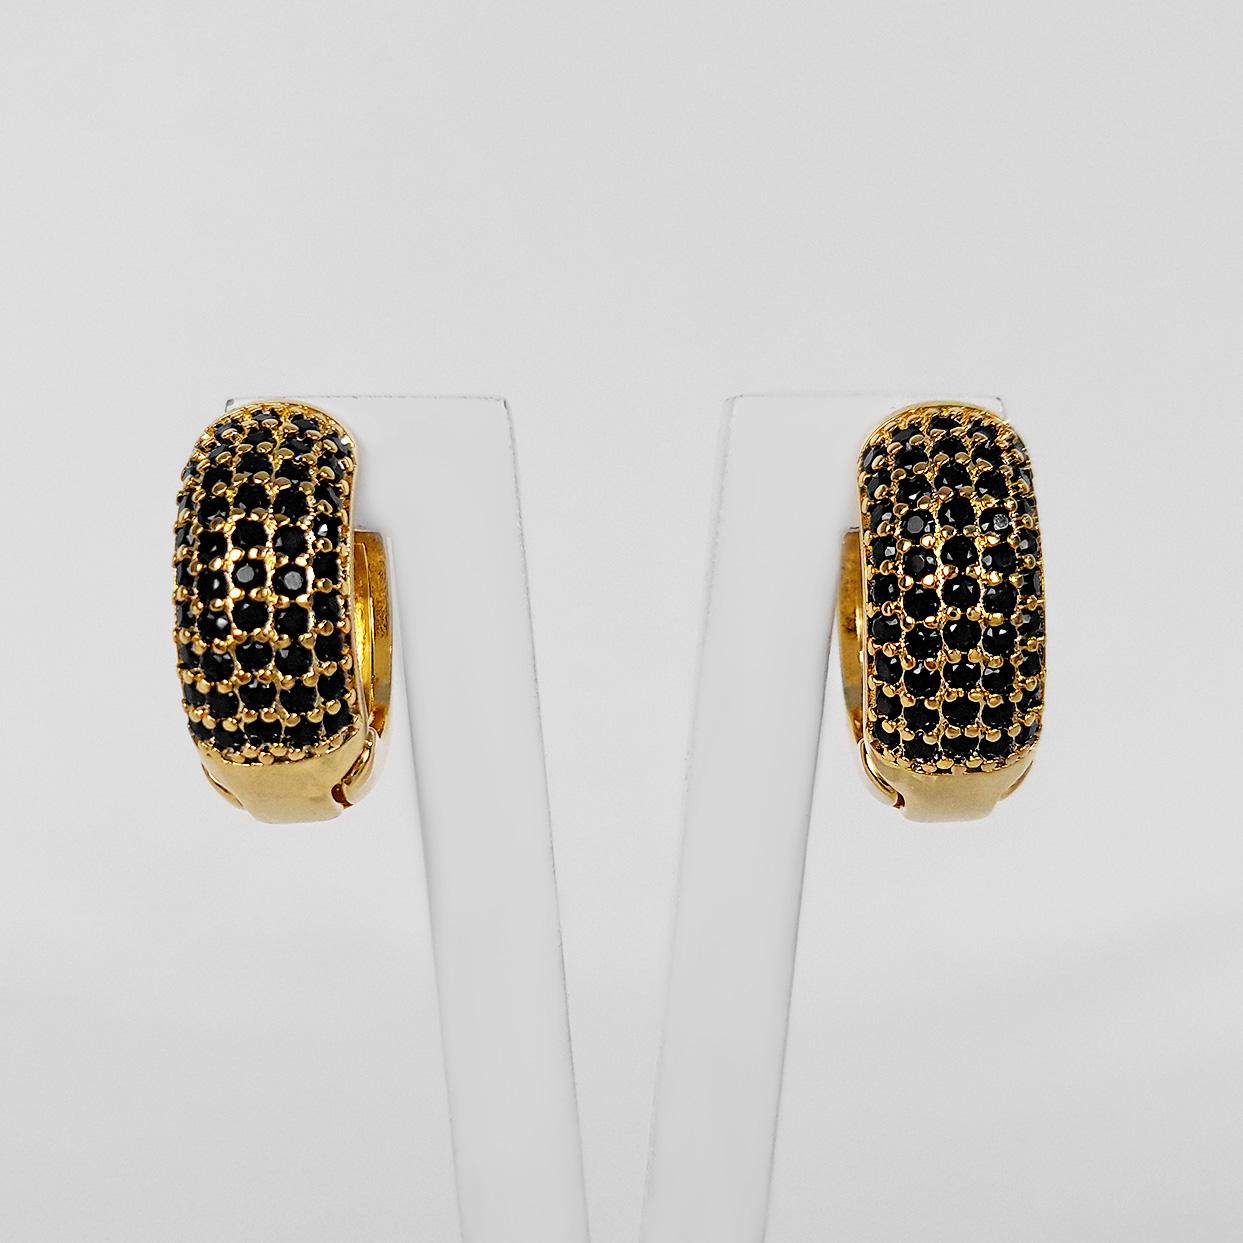 Brinco Argola 1,5cm 5 Filetes Zircônias Folheado a Ouro 18K  - Lunozê Joias